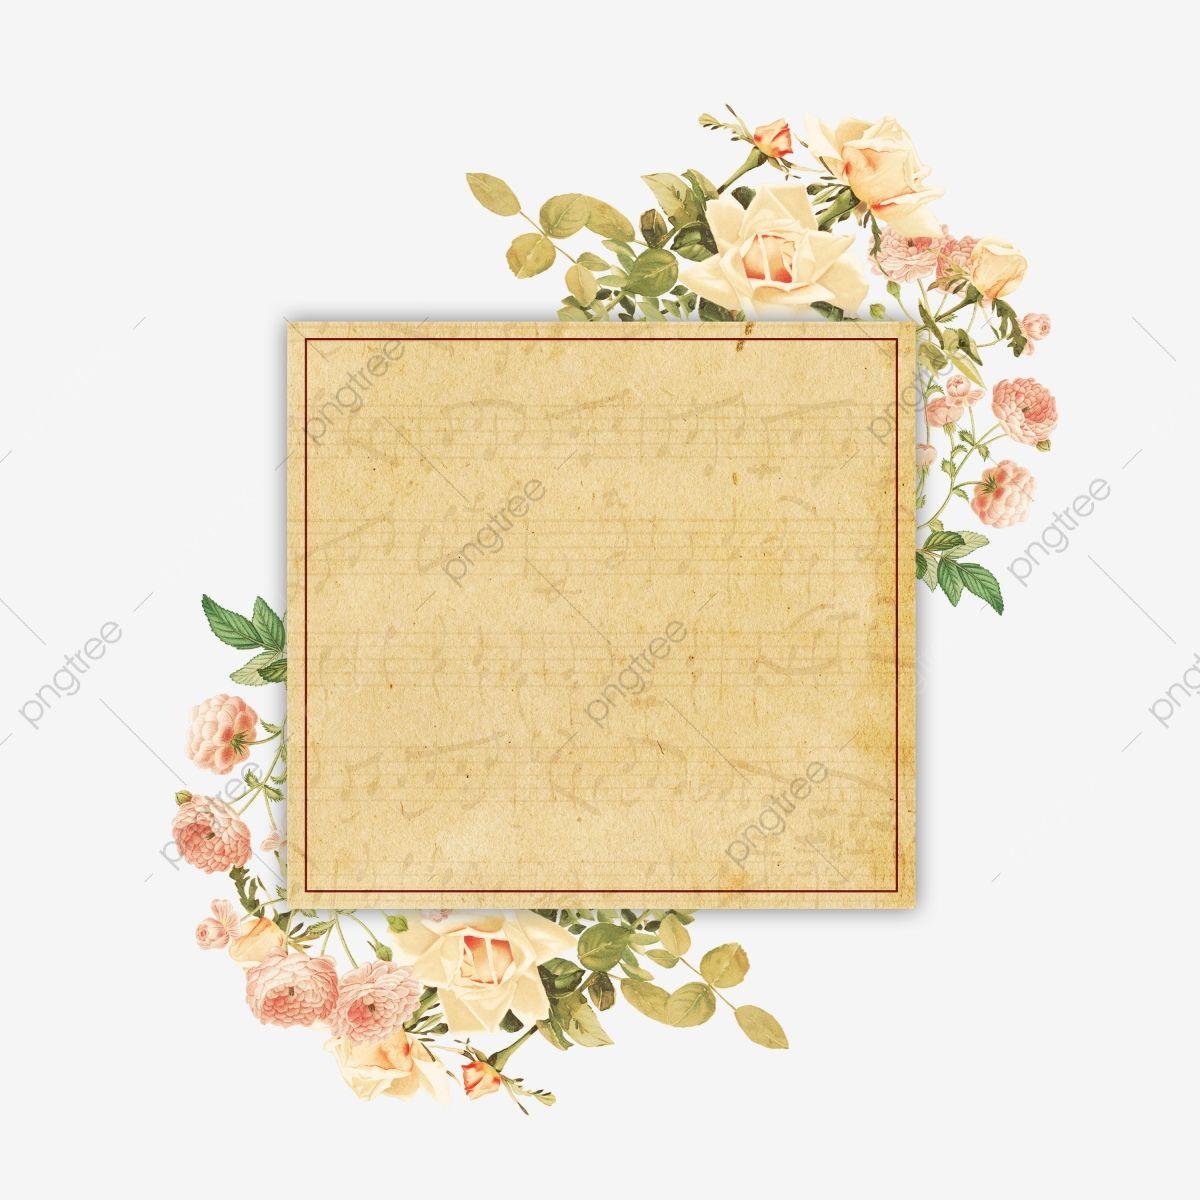 Elegant Vintage Floral Frame Floral Frame Vintage Floral Png Transparent Clipart Image And Psd File For Free Download Vintage Floral Clip Art Graphic Design Background Templates